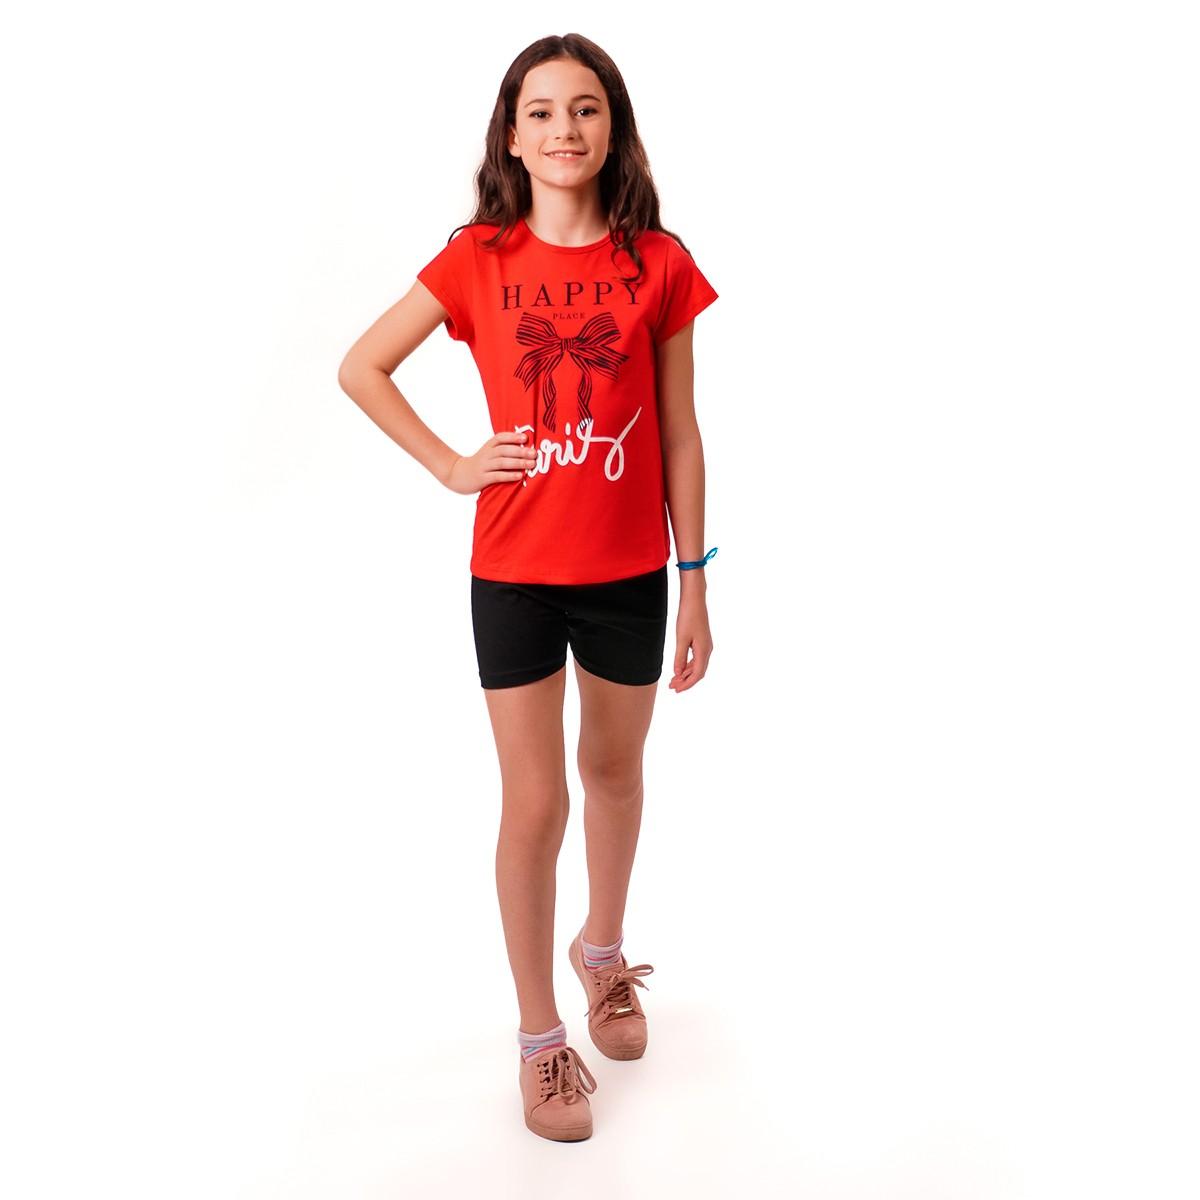 Kit 5 Conjuntos Infantis Menina Cotton Verão 10 12 14 Anos